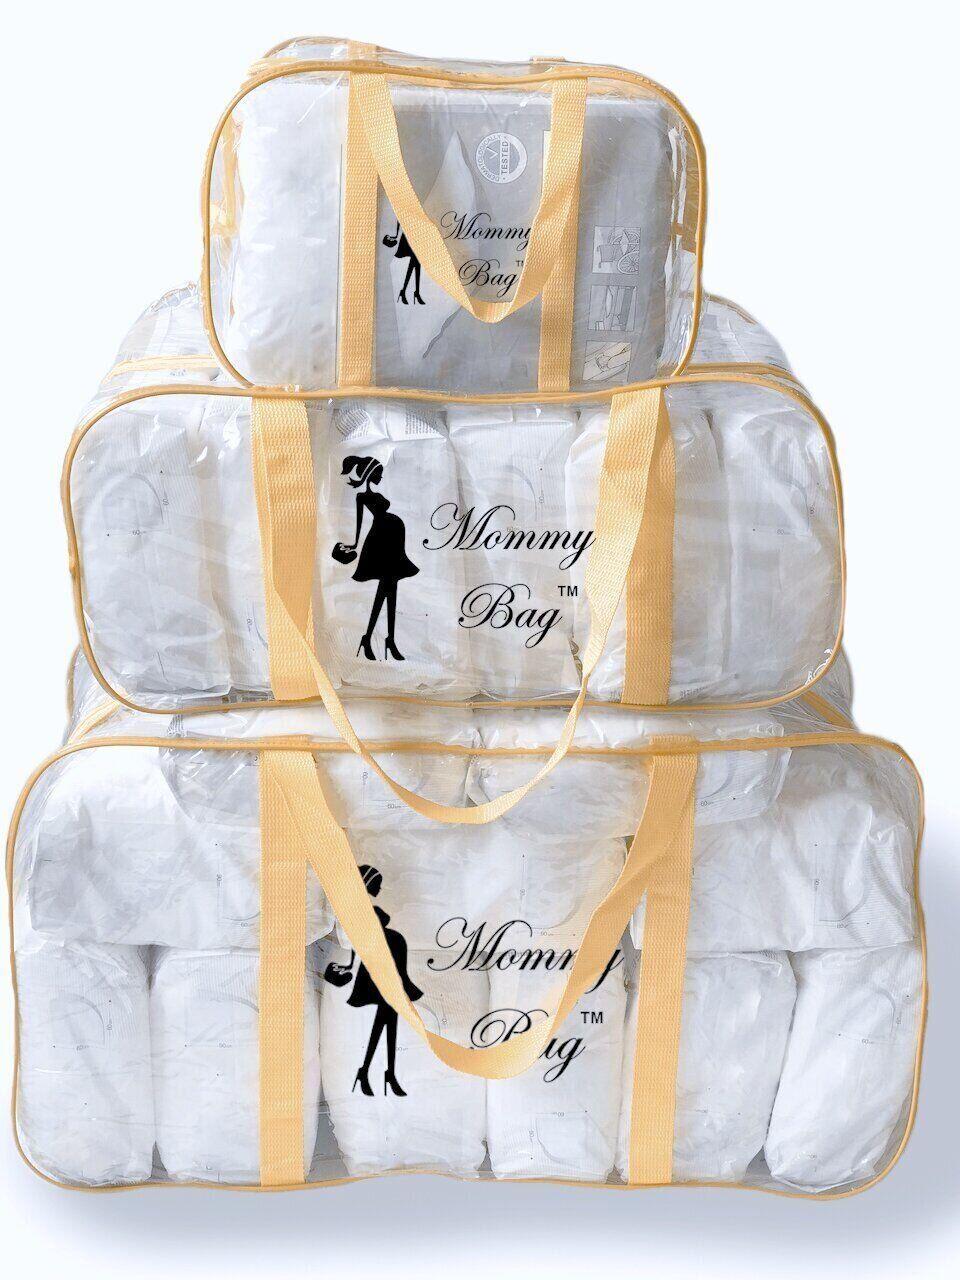 Набор из прозрачных сумок в роддом Mommy Bag, размеры - S, L, XL, цвет - Бежевый